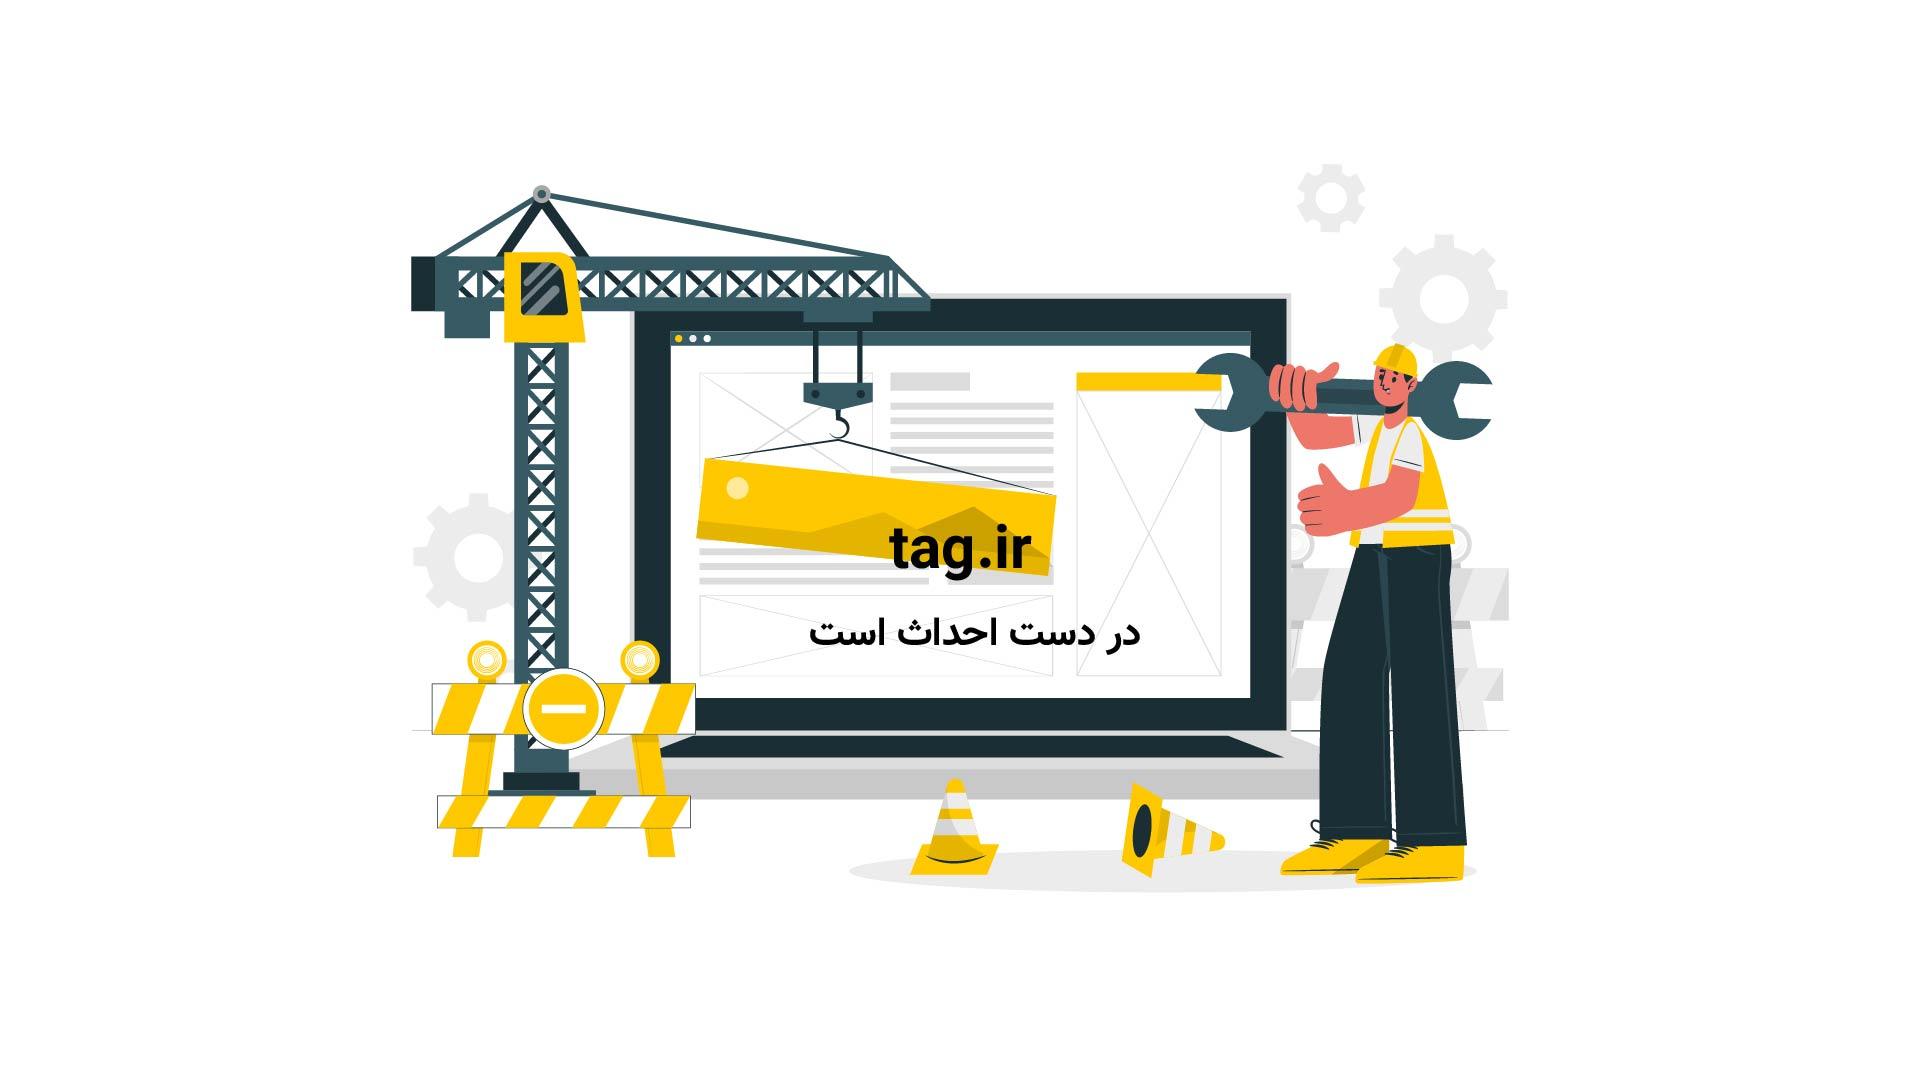 تکنیک نقاشی اکریلیک؛ آموزش کشیدن درخت پاییزی | فیلم